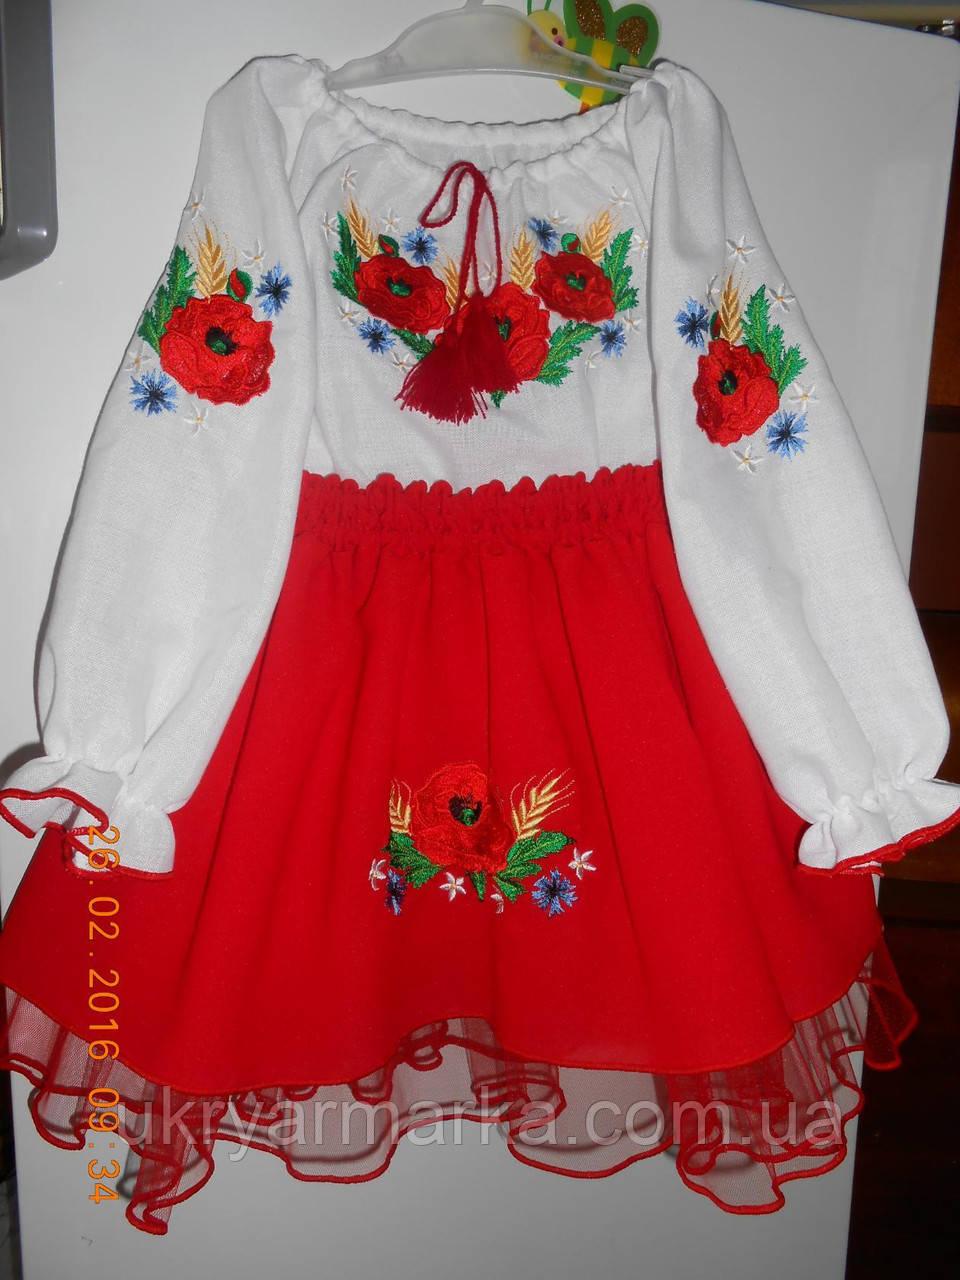 c95b0b64e10168 Вишитий костюм для дівчинки